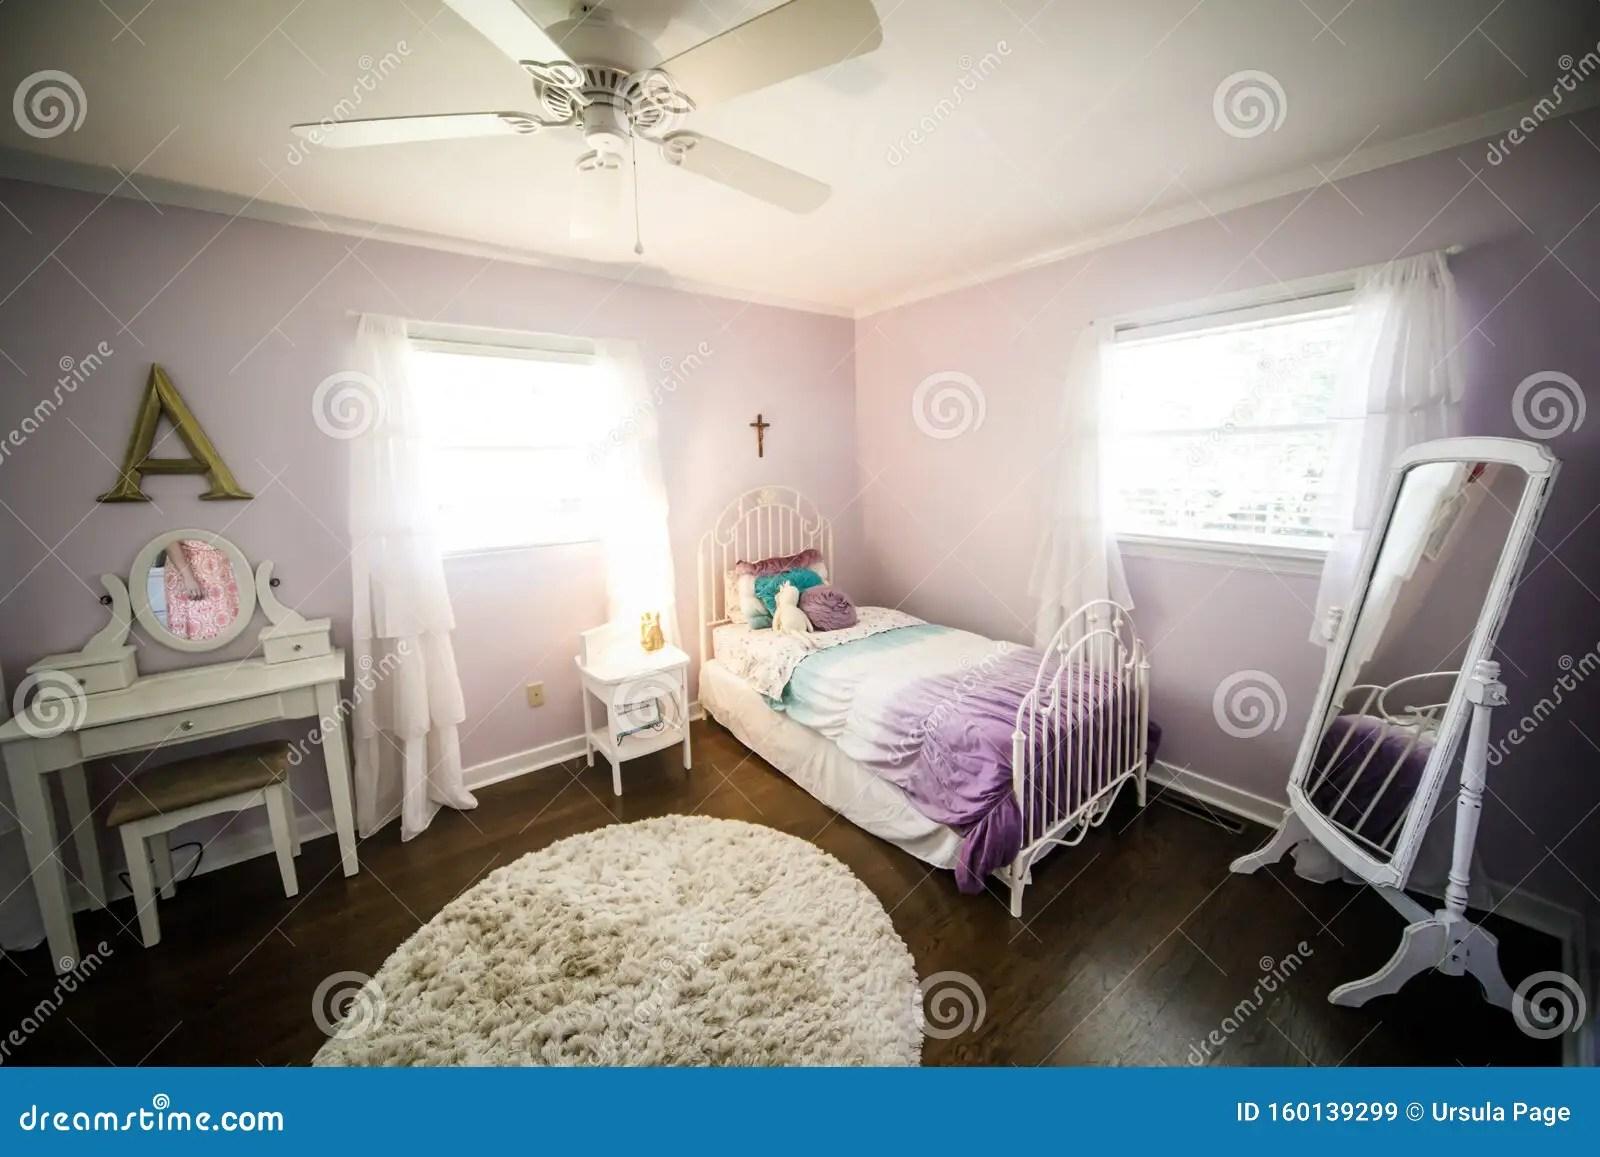 Il colore lilla è molto indicato per le camere da letto perché è distensivo e può riuscire nel realizzare una zona pacifica e rilassante. Camera Da Lettogiovane Ragazza Pareti Lilla E Letto Color Porpora Di Colore Viola Immagine Stock Immagine Di Appartamento Comodo 160139299